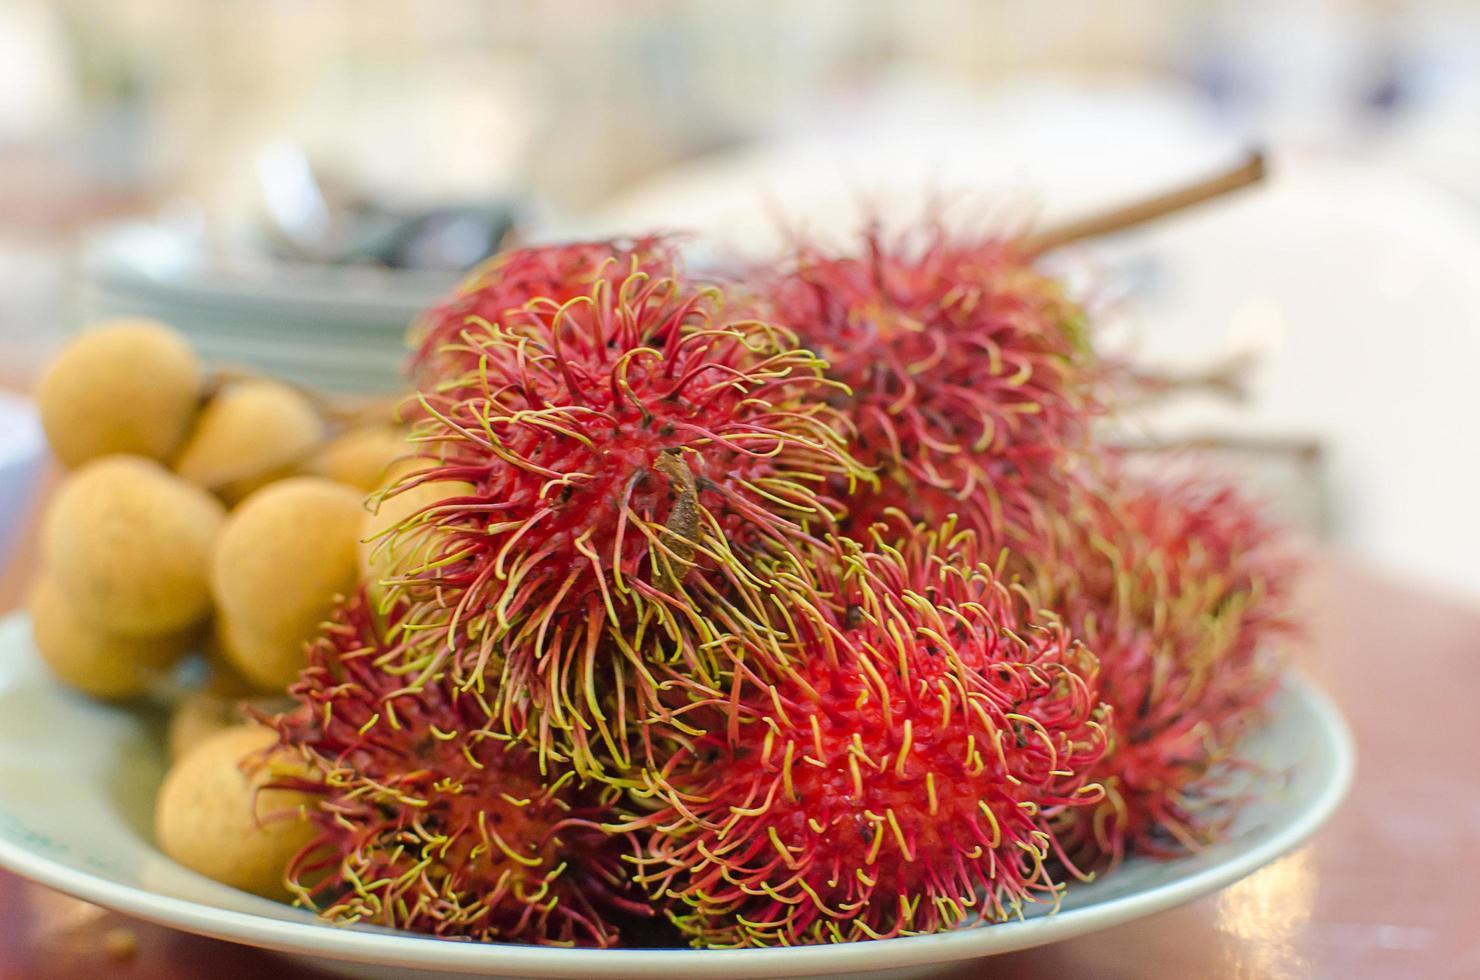 ramboetan fruit op een bord foto